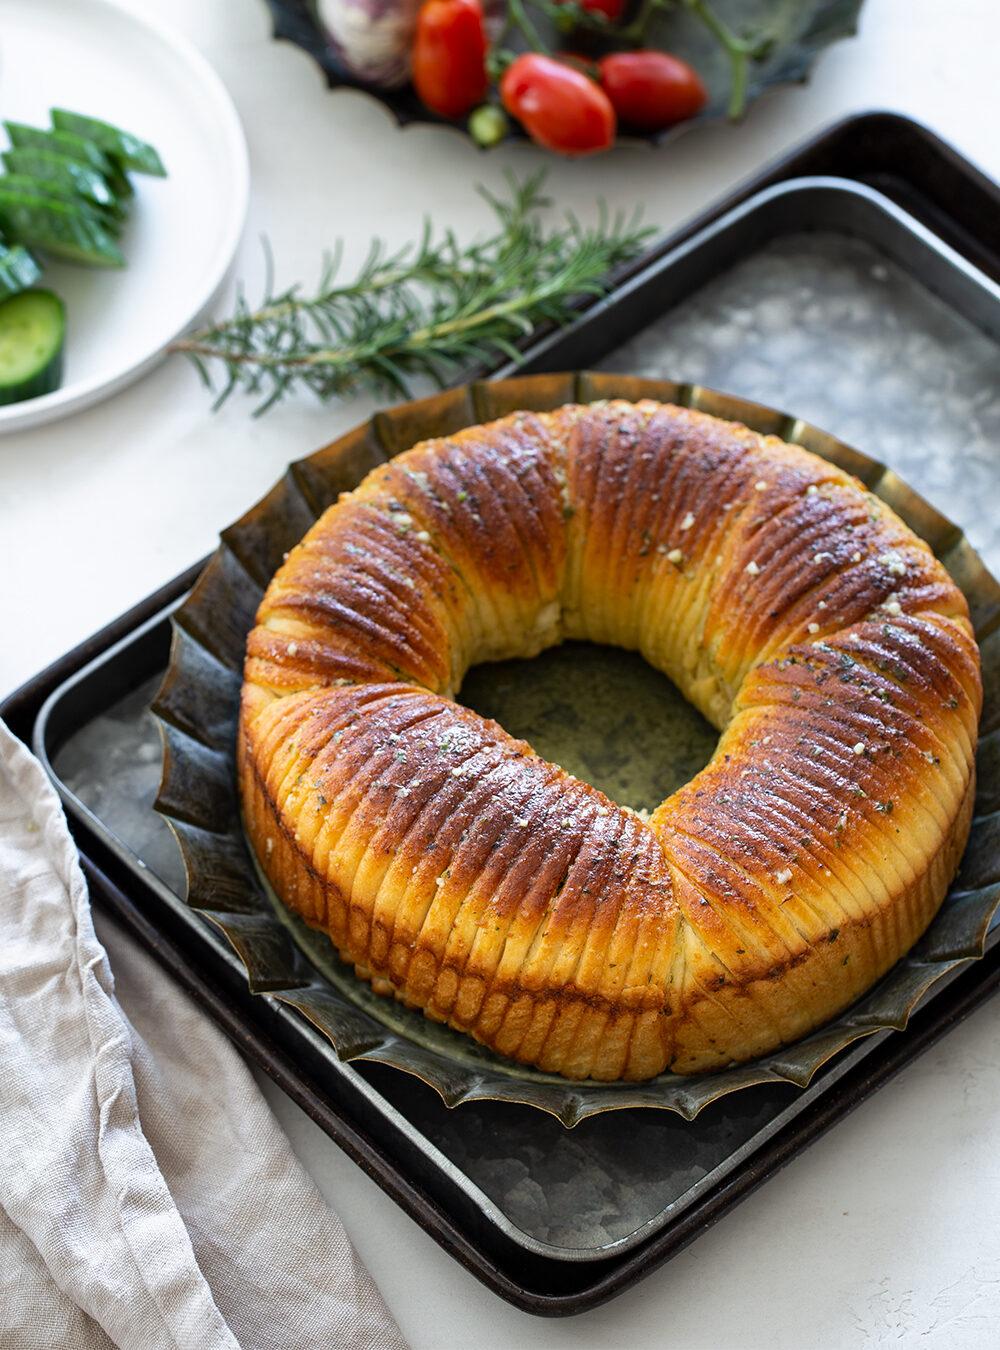 לחם צמר: מאפה שמרים בעיצוב מהמם במלית מלוחה או מתוקה